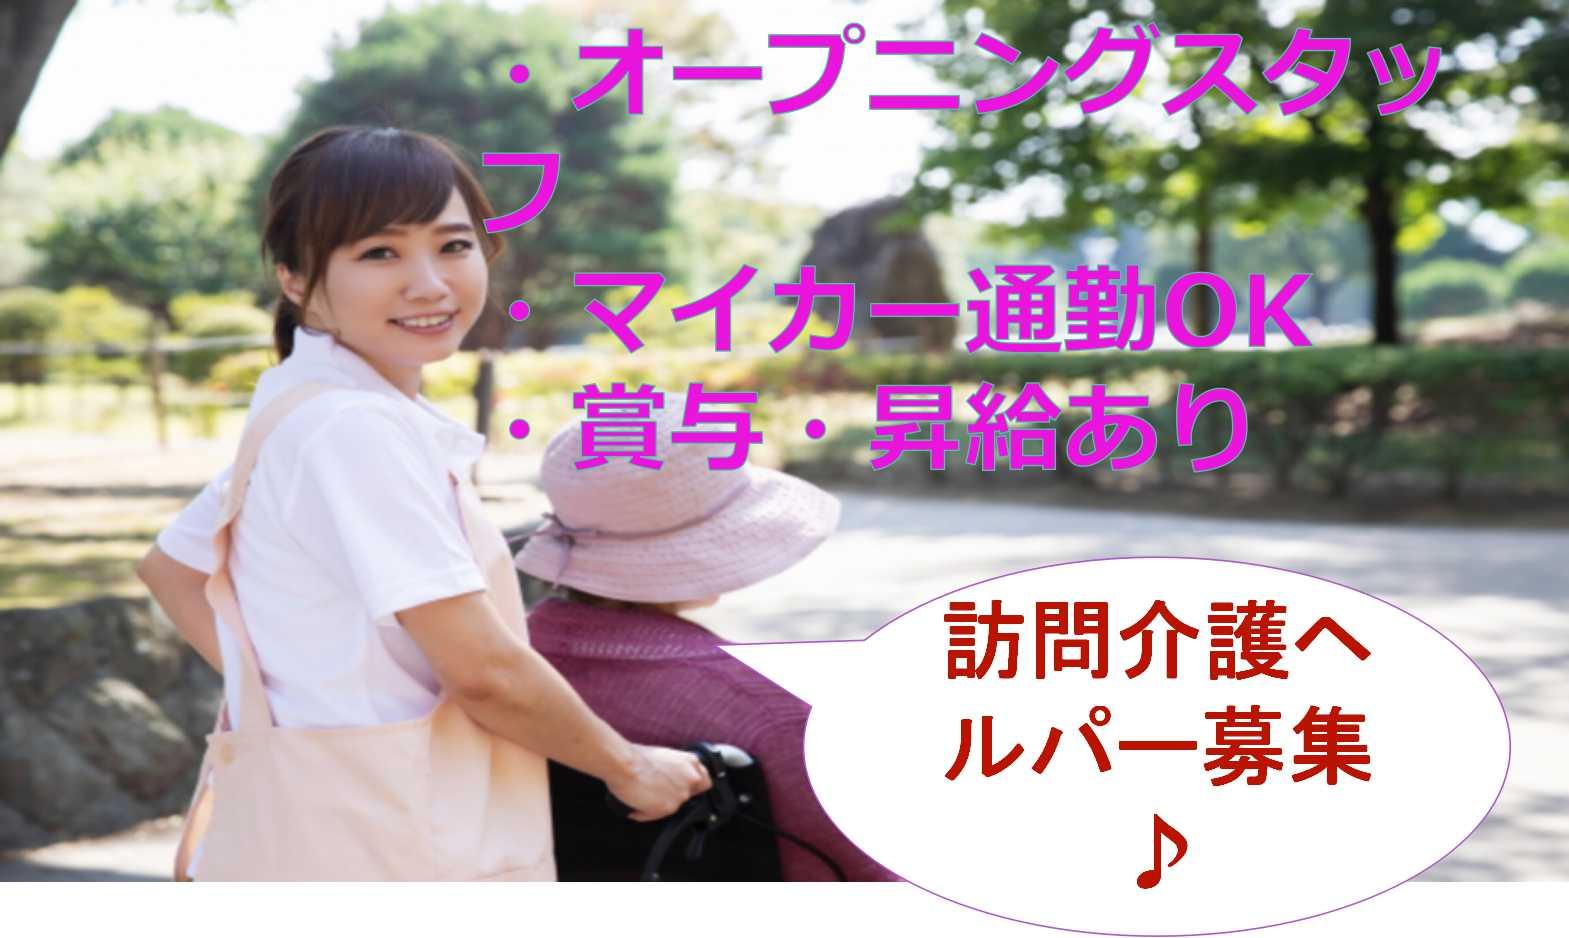 オープニングスタッフ★未経験OK!訪問介護ヘルパー【即面談可能】 イメージ